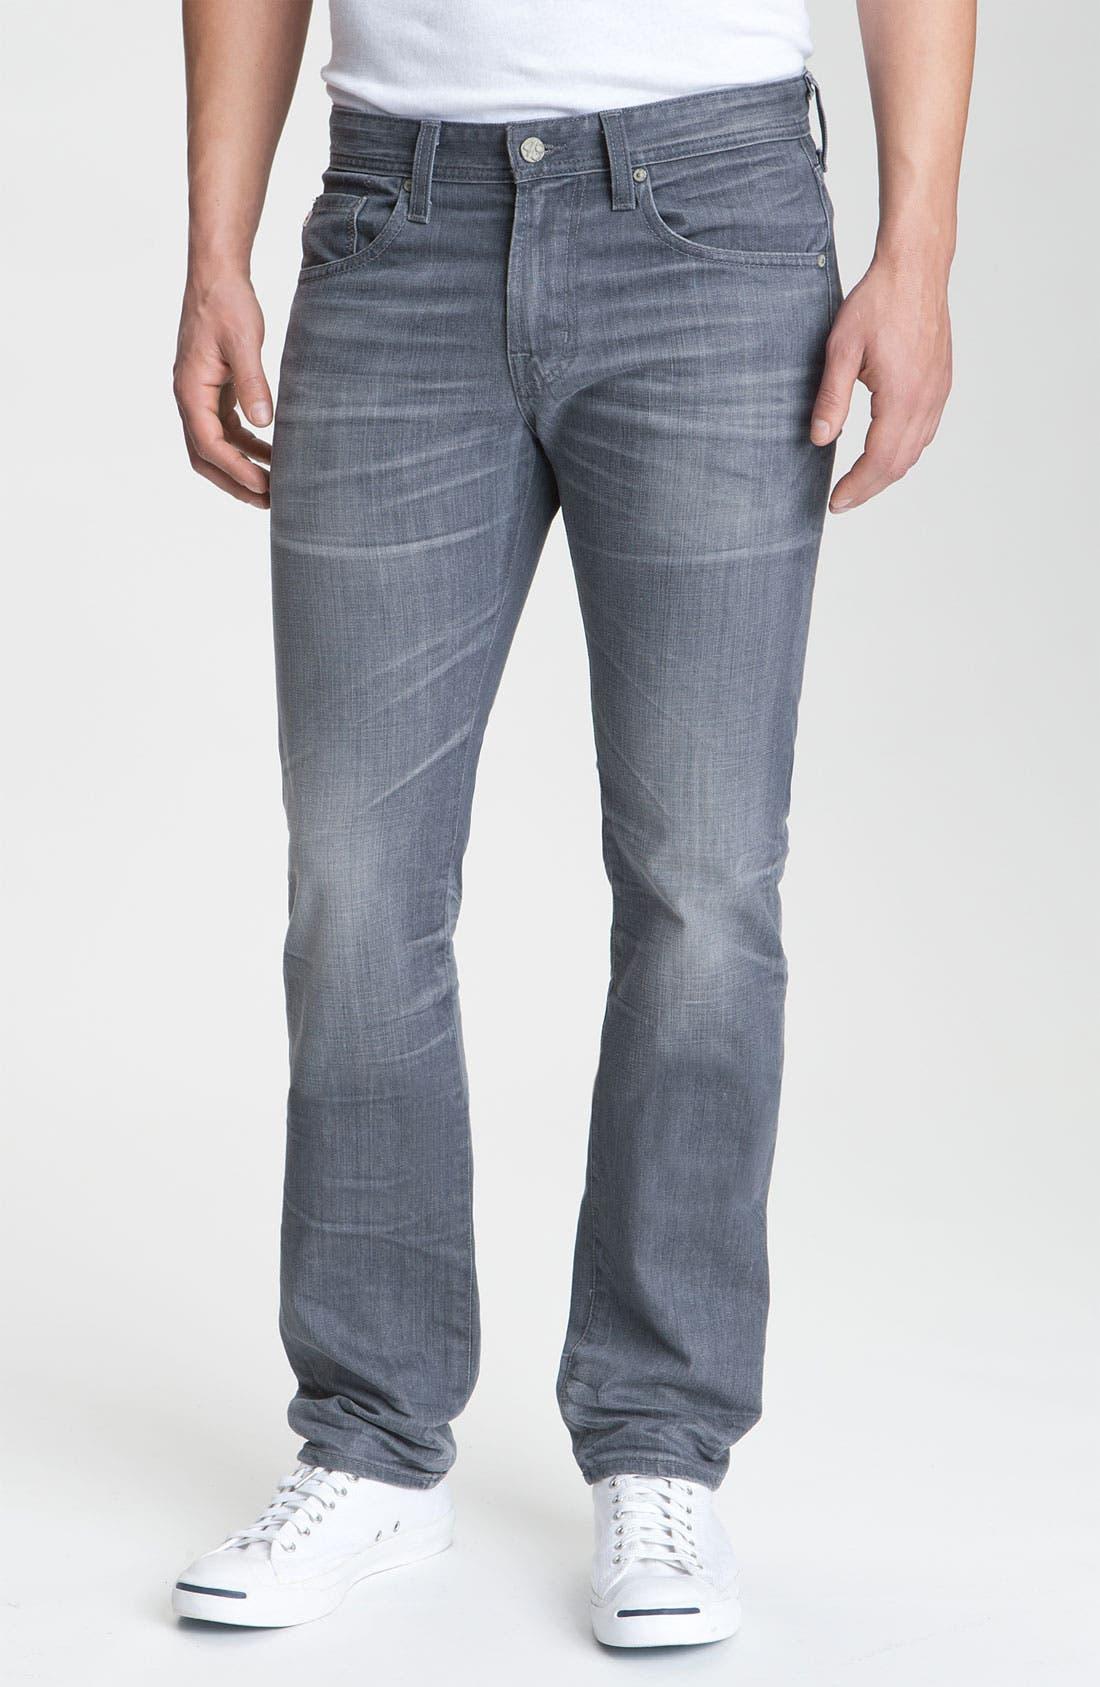 AG 'Matchbox' Slim Fit Jeans, Main, color, 020